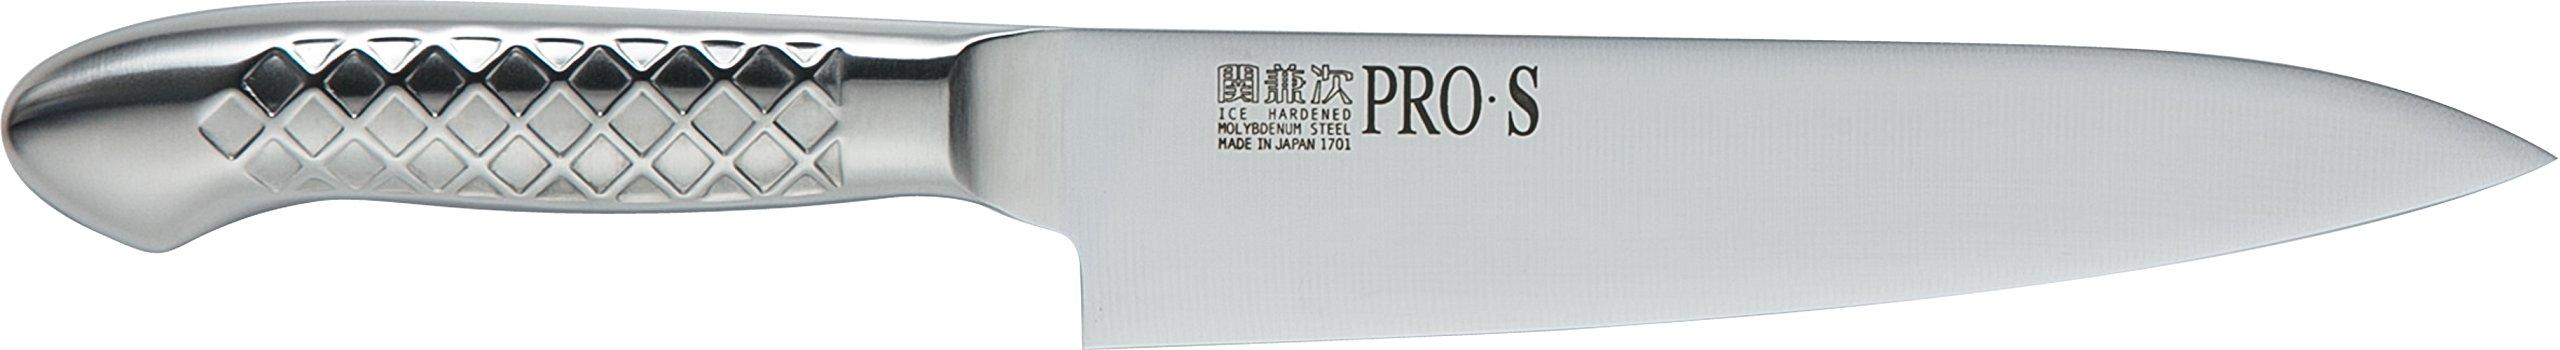 関兼次 Seki Kenji Hamono Japanese Knife Kitchen Knife PRO Molybdenum Steel Stainless Steel Made in Japan (Beef Sword 180mm, PRO · S)